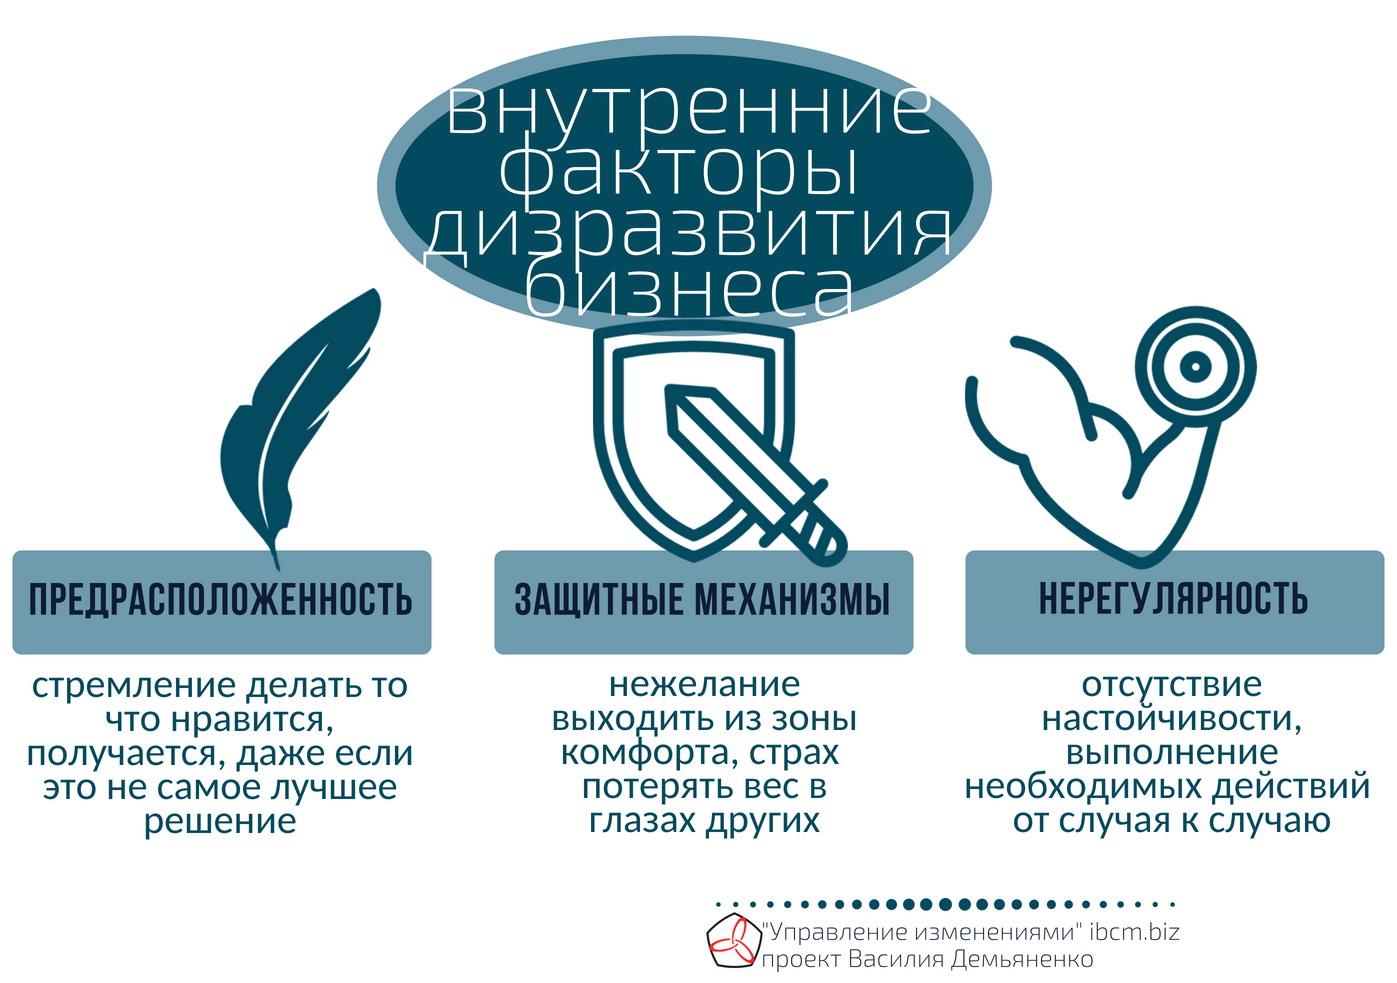 факторы дизразвития бизнеса